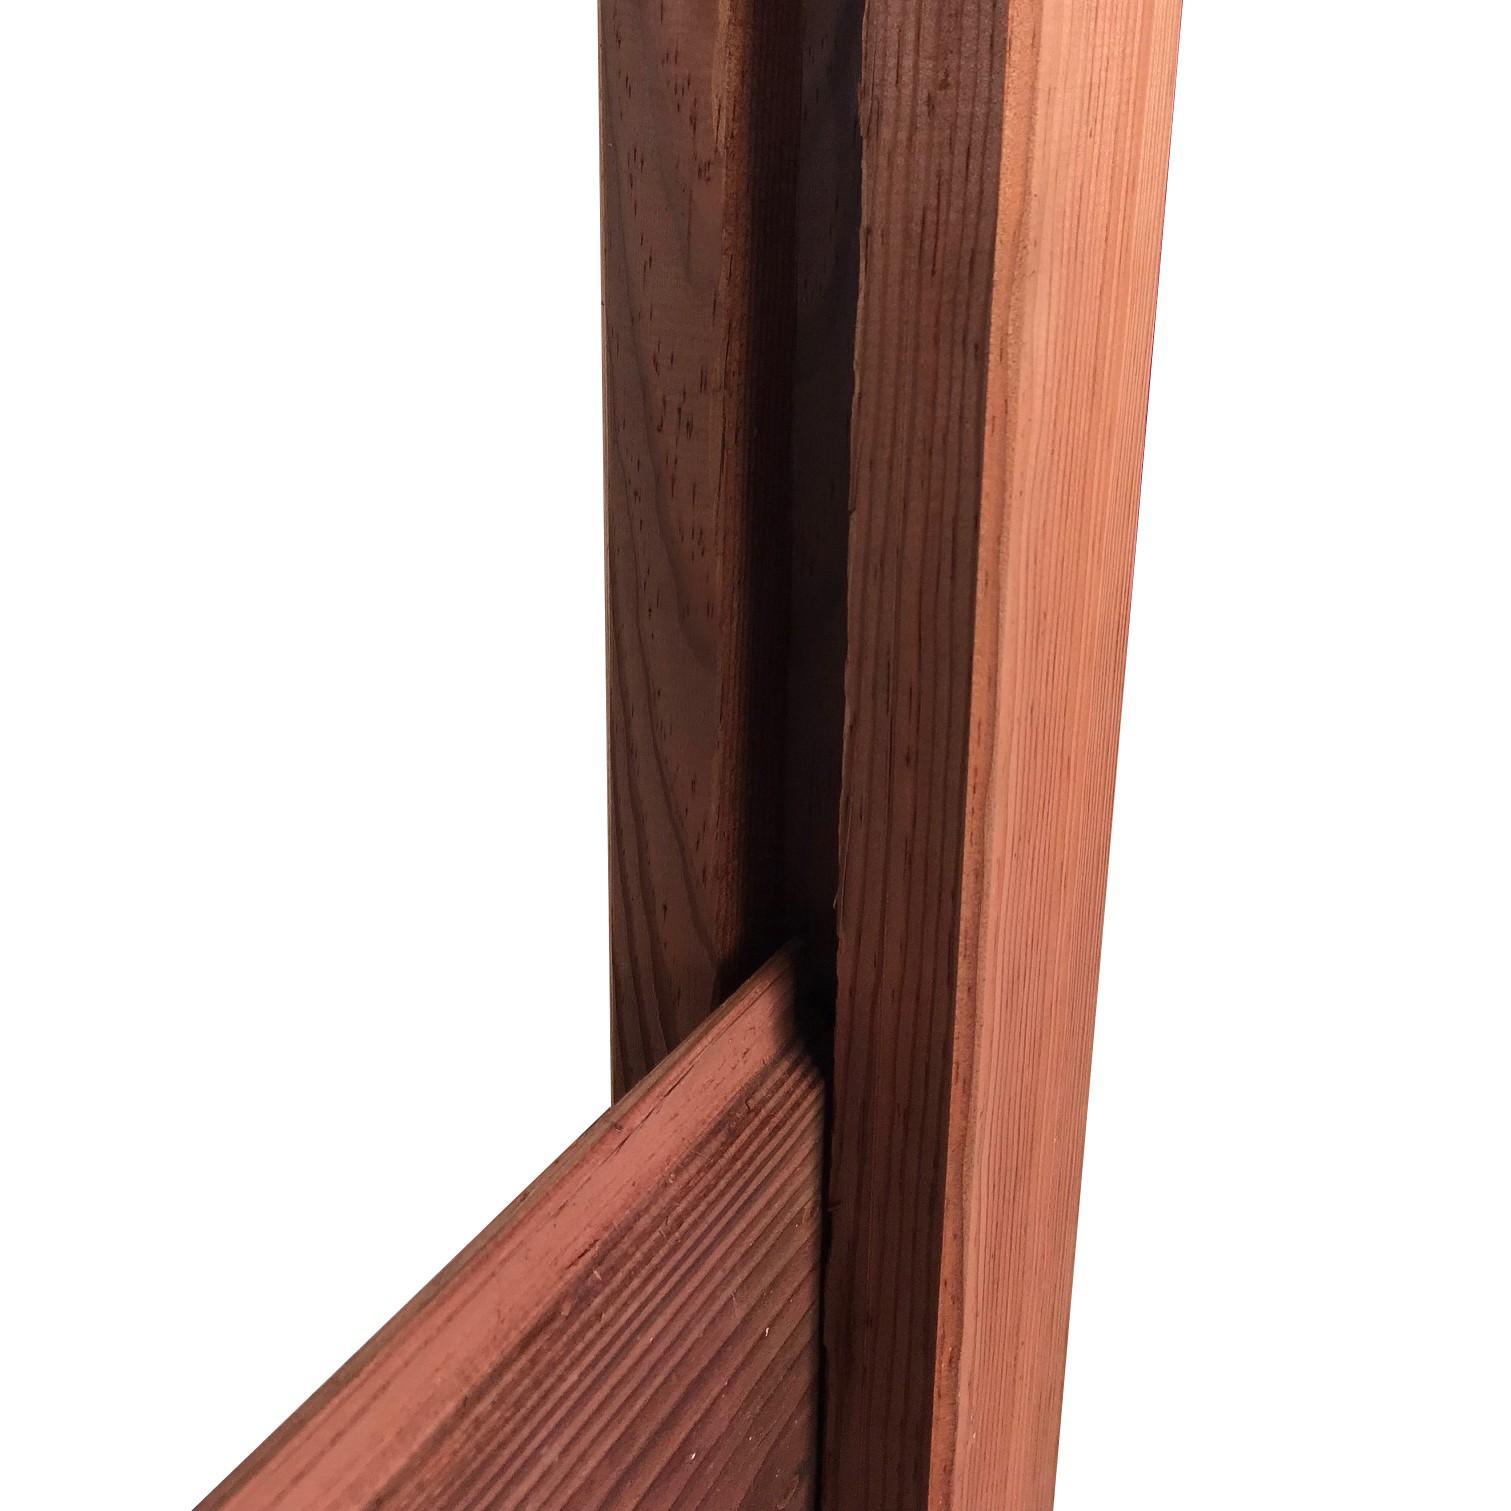 Poteau Bois Pour Terrasse poteau en u marron 200x9x9 cm pour extrémités de clôture bois